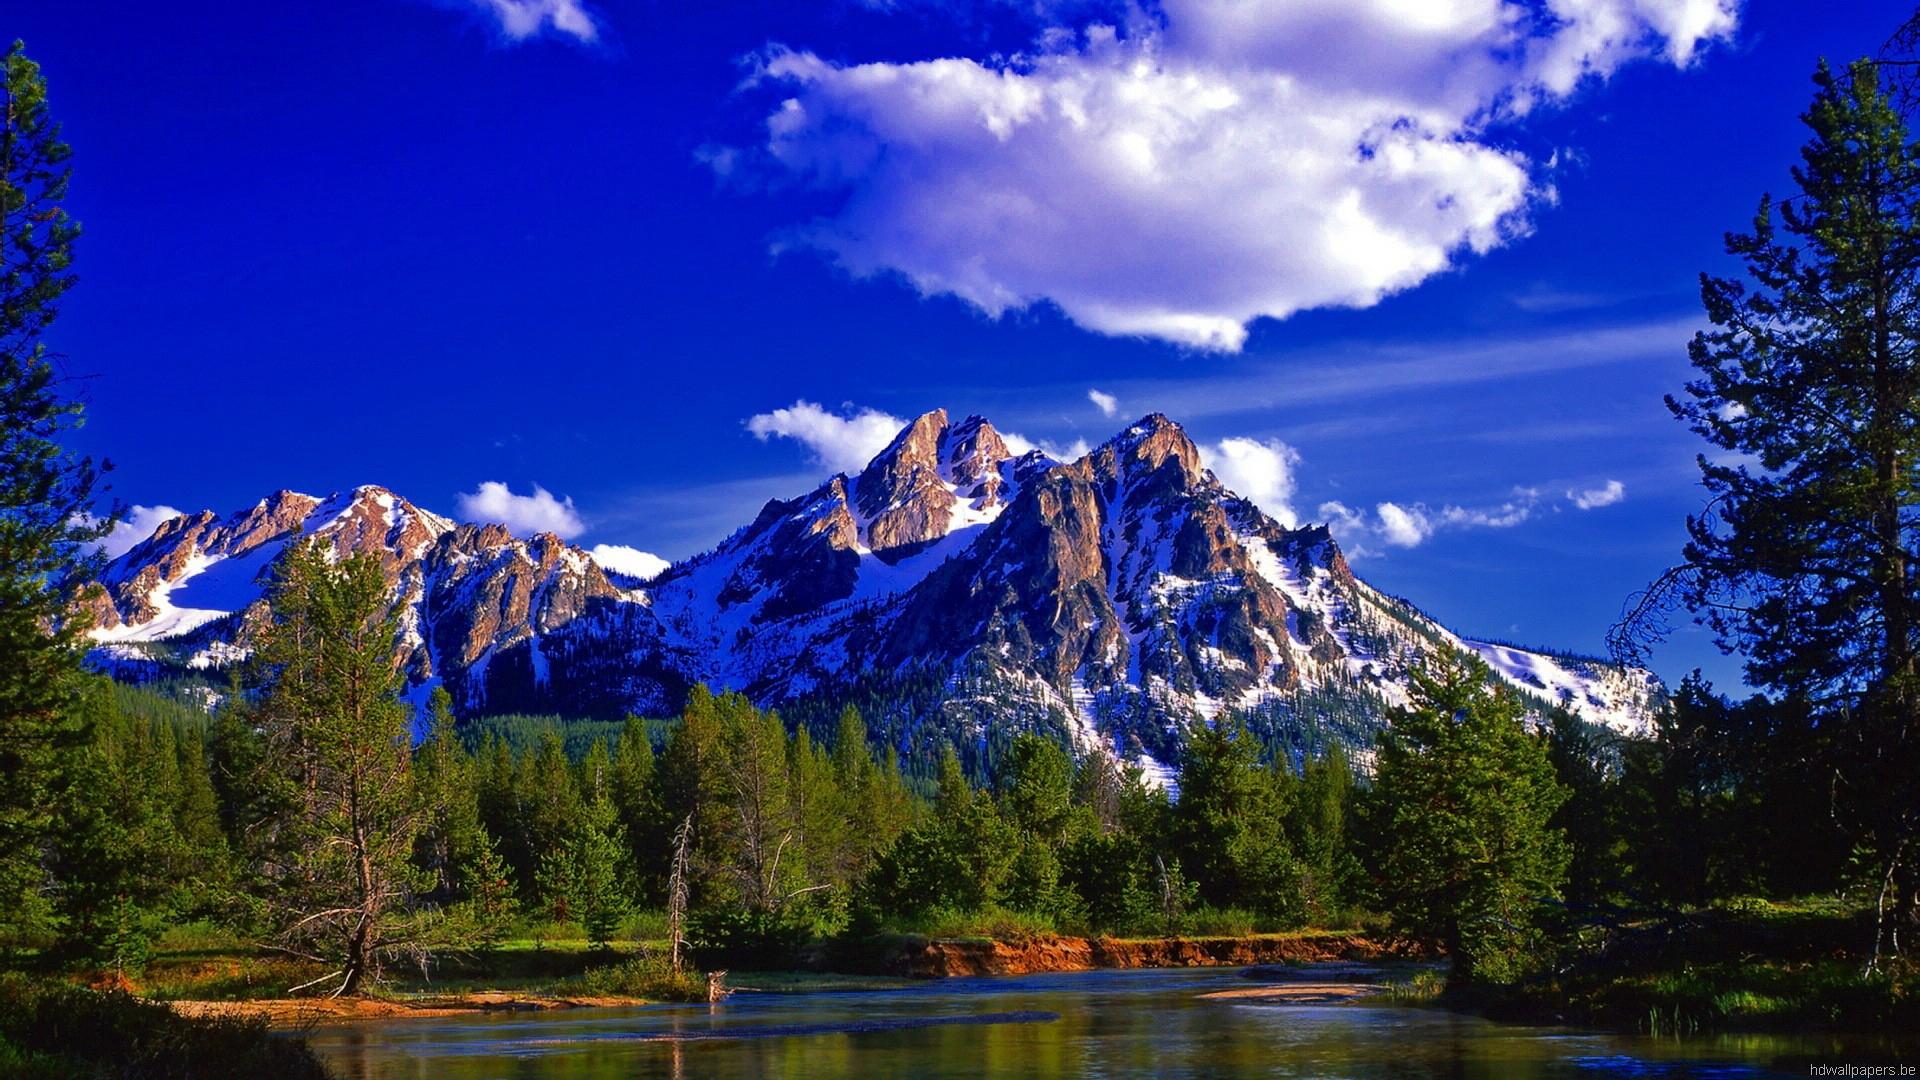 Wallpaper Desktop Wallpapers High Quality HD Wallpaper High 1920x1080